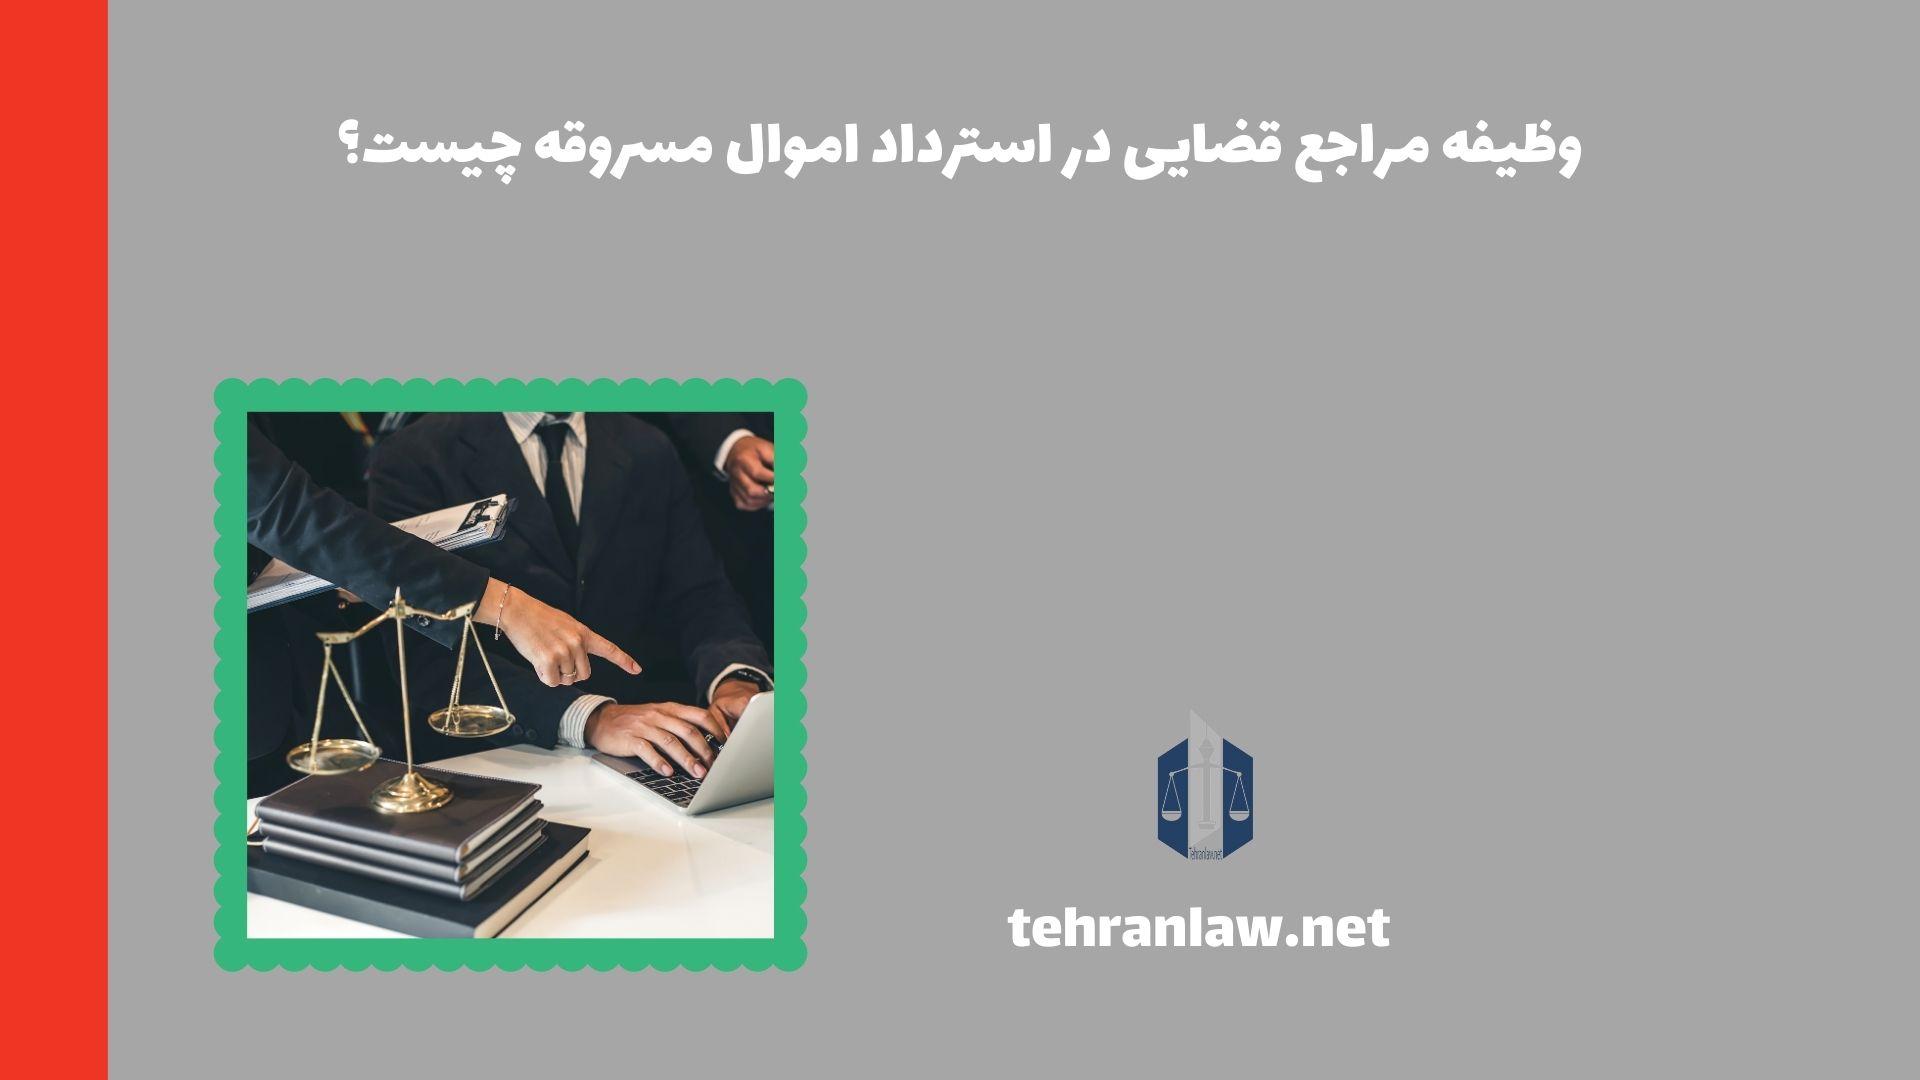 وظیفه مراجع قضایی در استرداد اموال مسروقه چیست؟